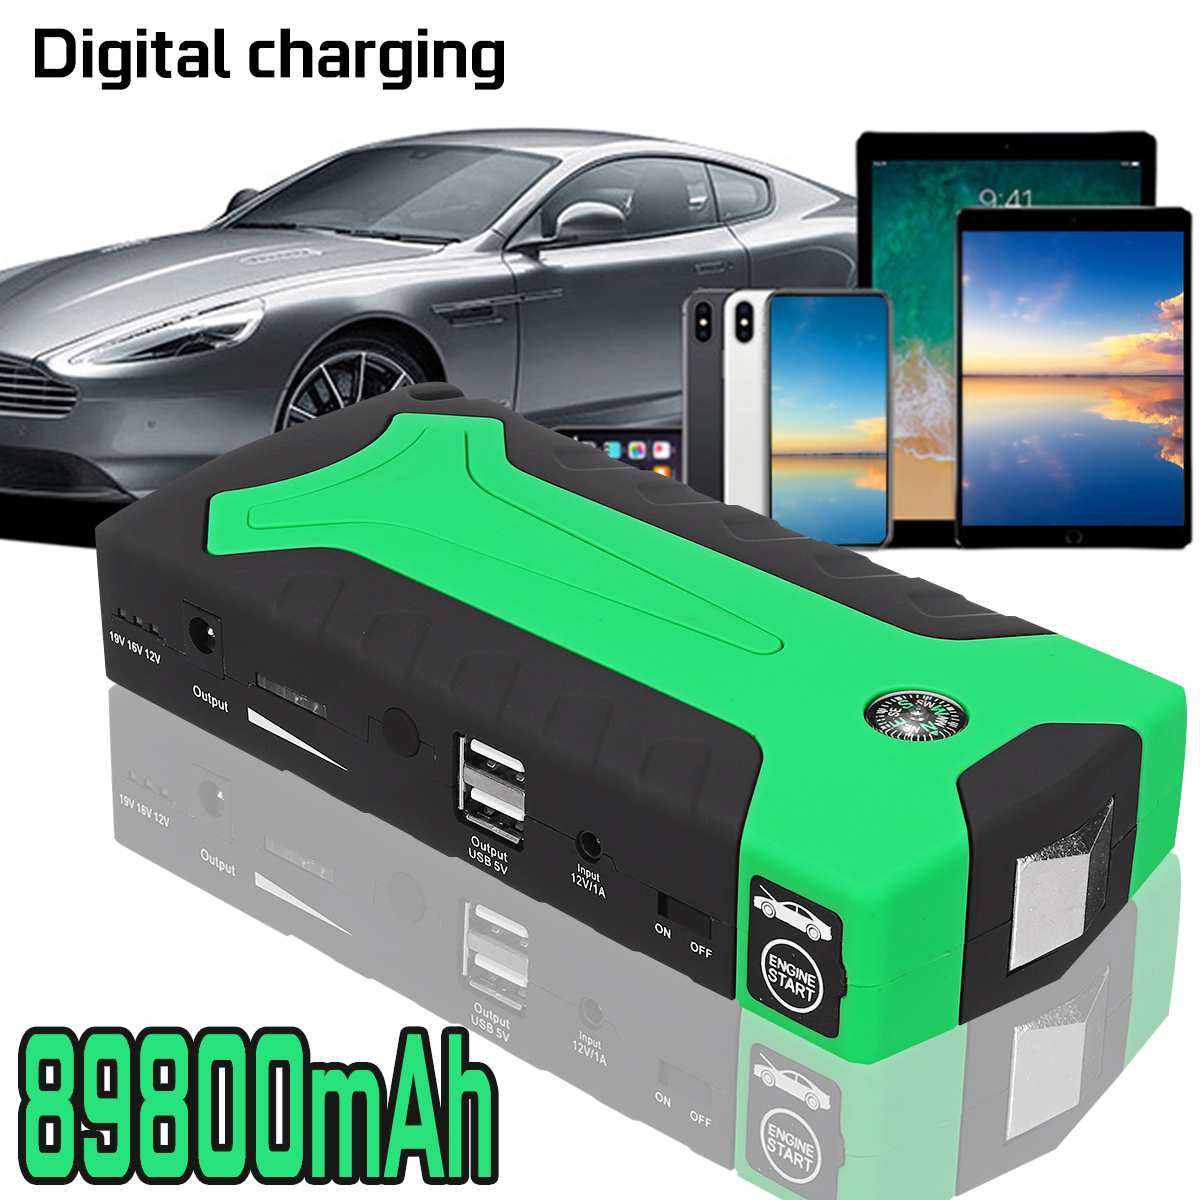 600A 89800 mAh Super puissance voiture saut démarreur Portable voiture d'urgence batterie Booster batterie externe 12 V dispositif de démarrage essence Diesel